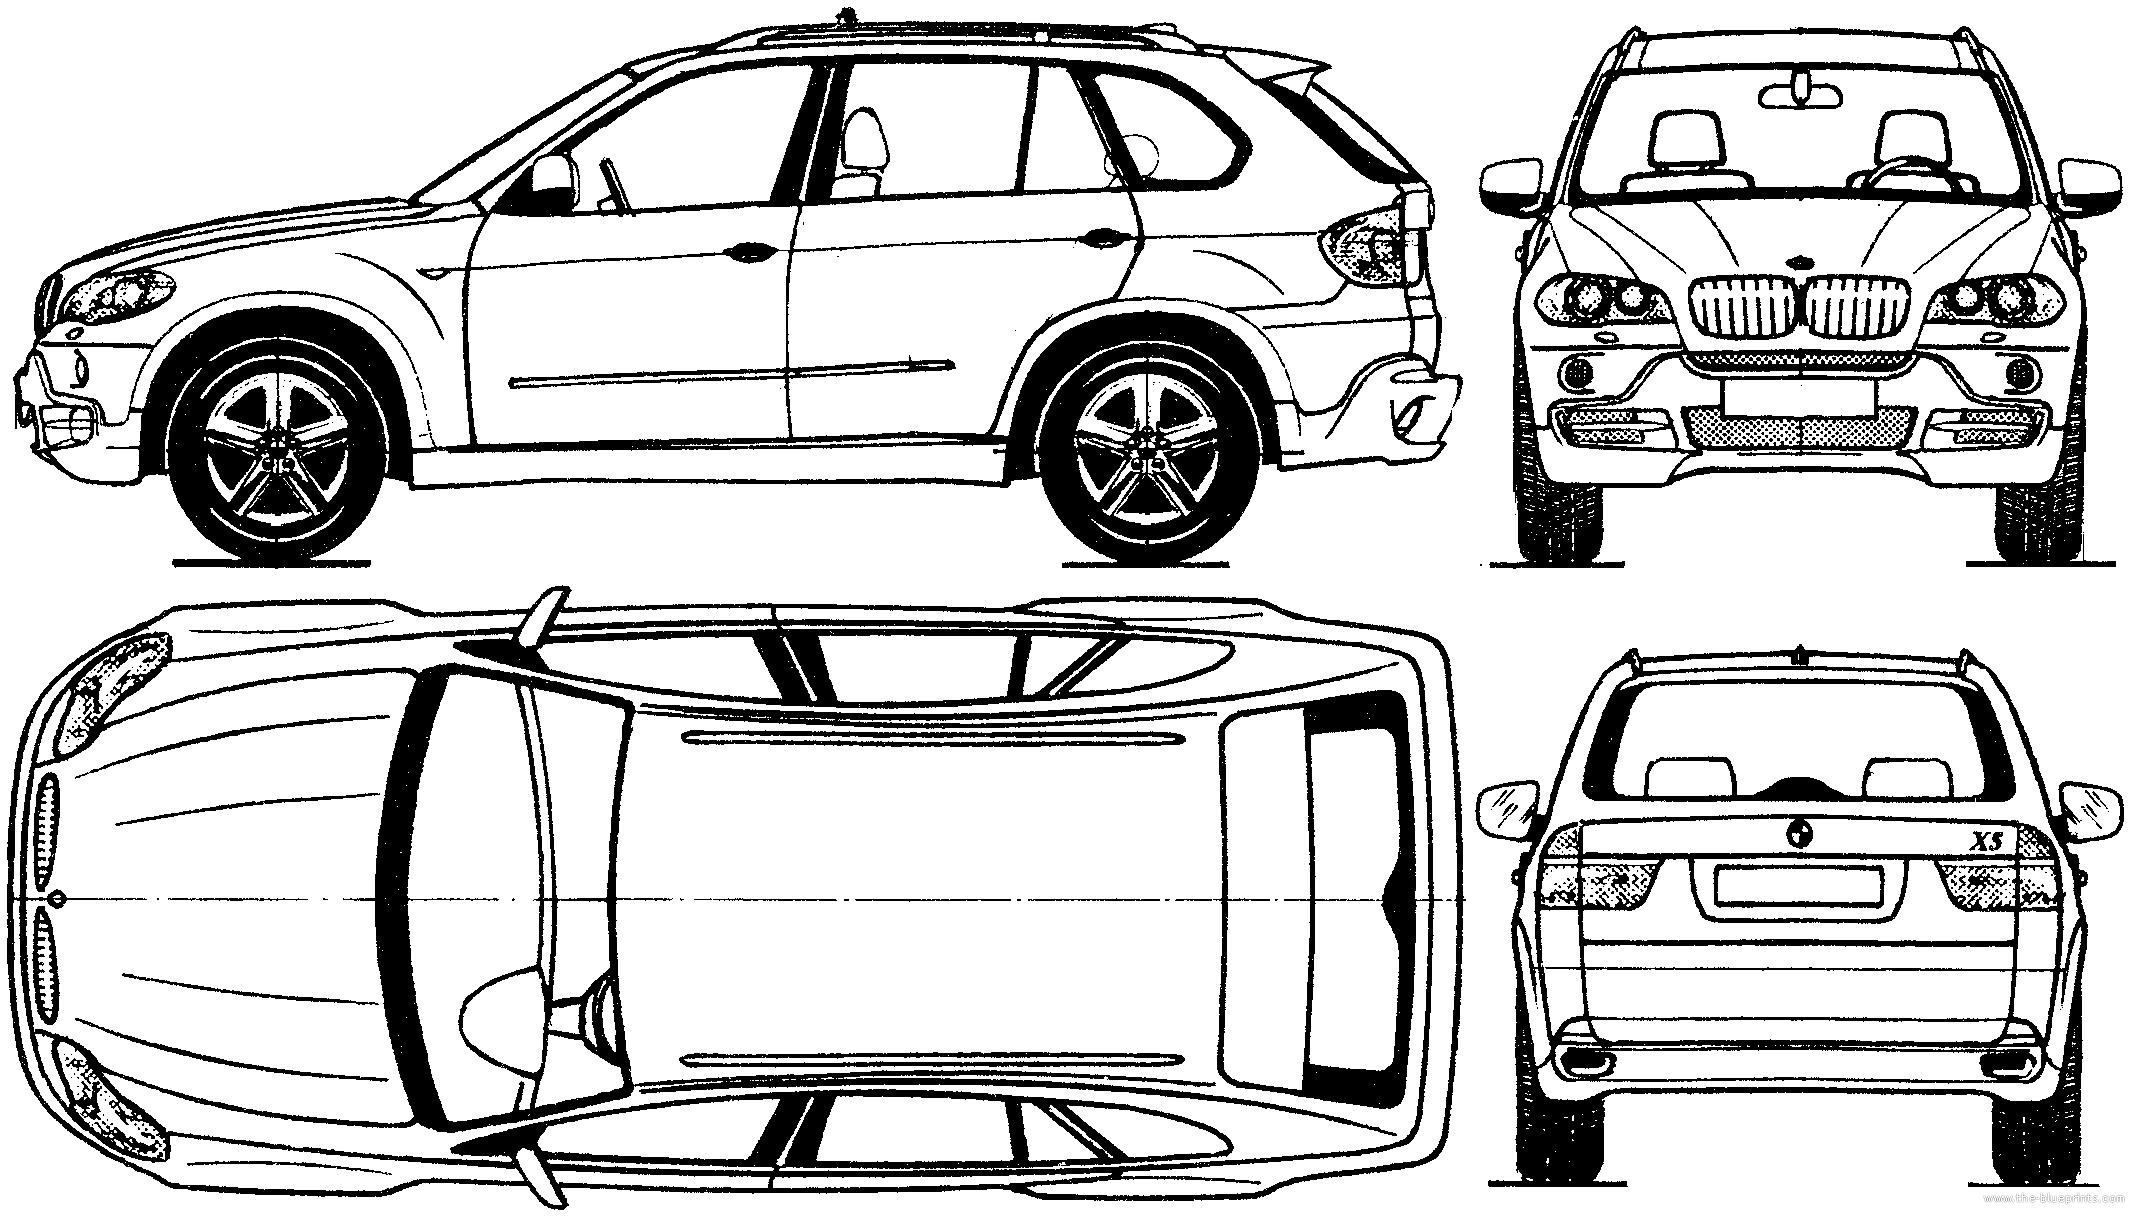 Blueprints > Cars > BMW > BMW X5 (2006)